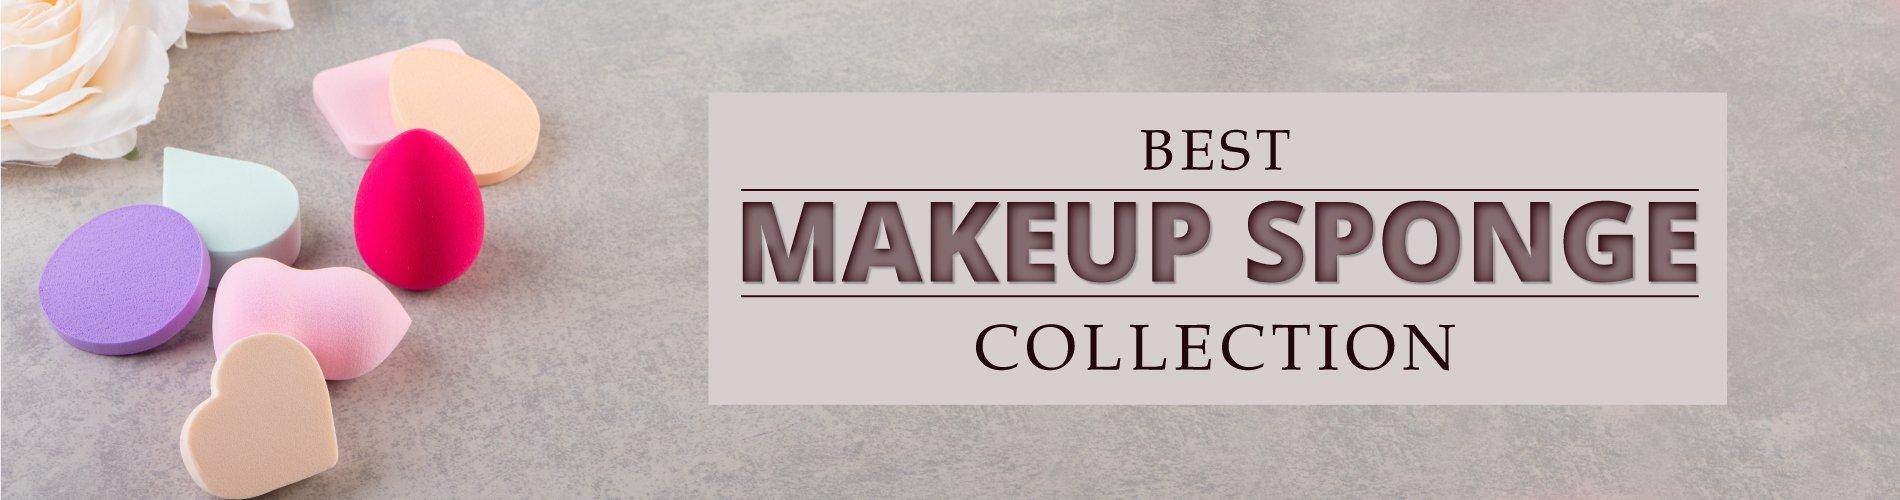 Makeup Sponge Banner